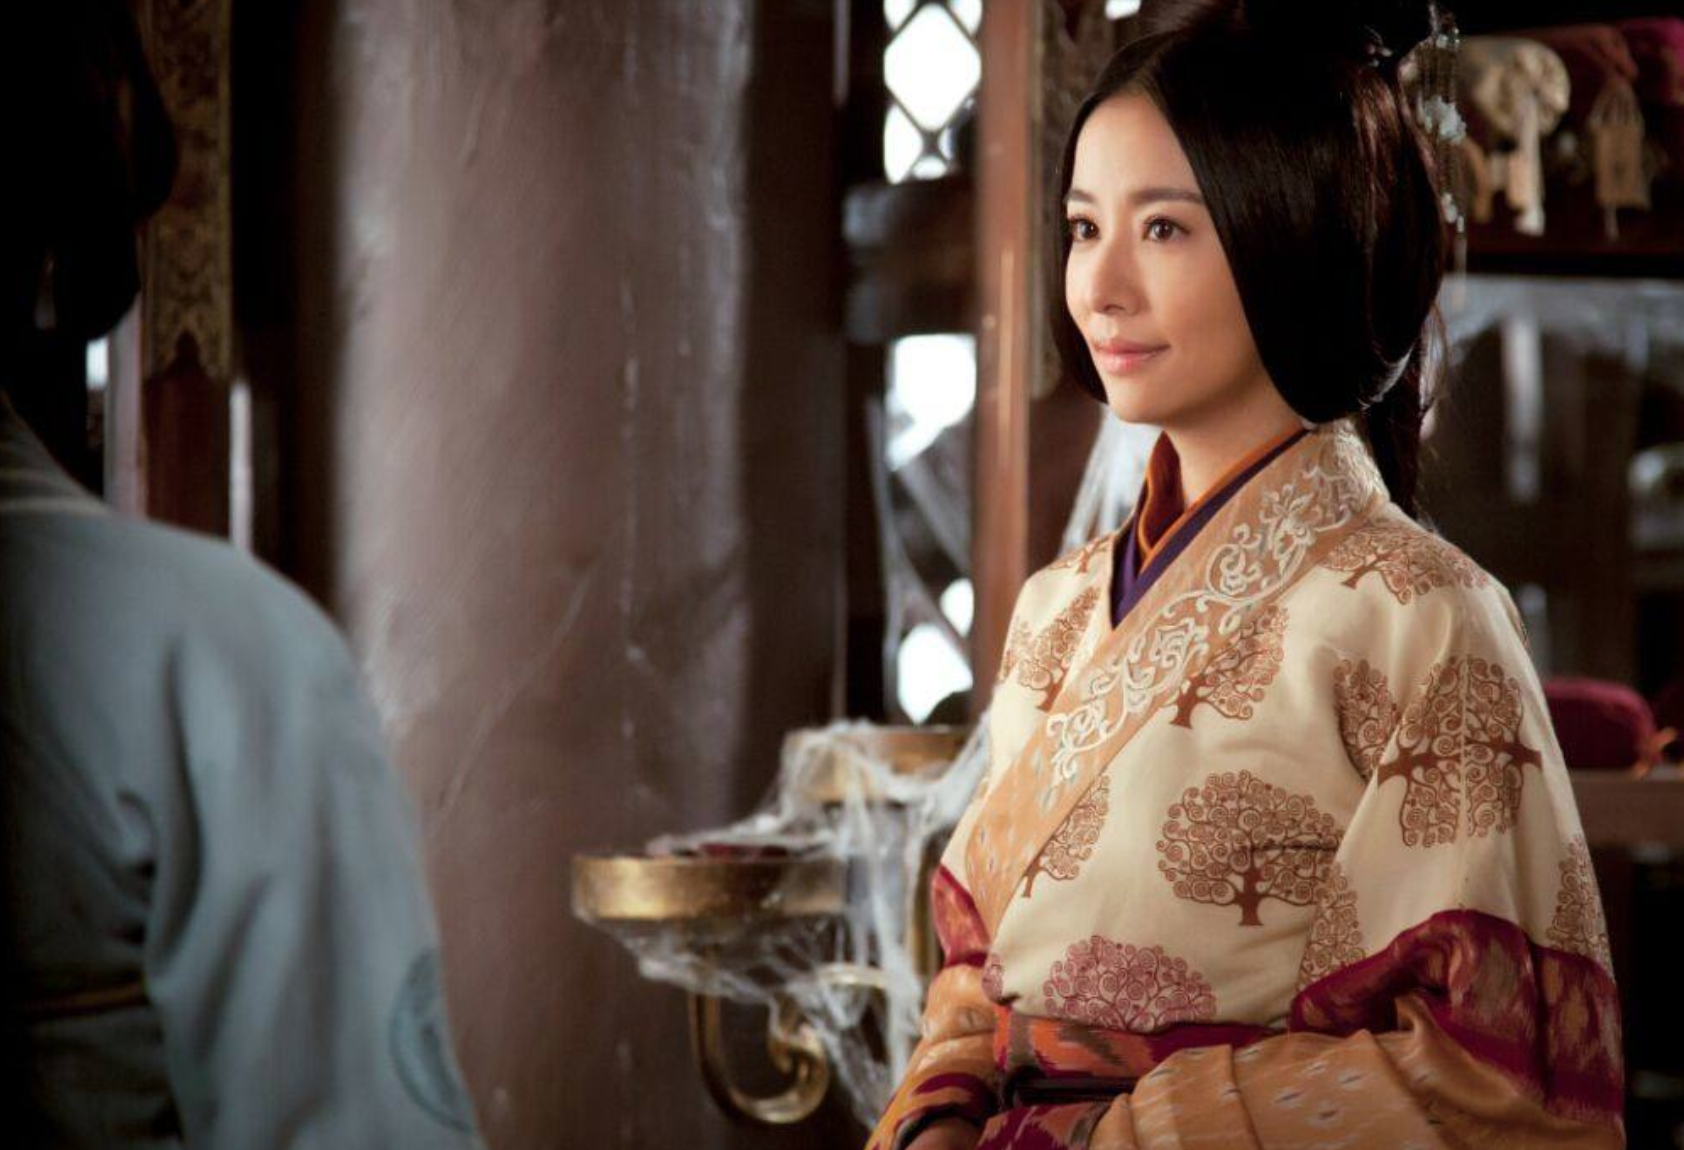 宰相是个妻管严,皇帝赐了2个美女给他,他妻子选择喝毒酒自杀